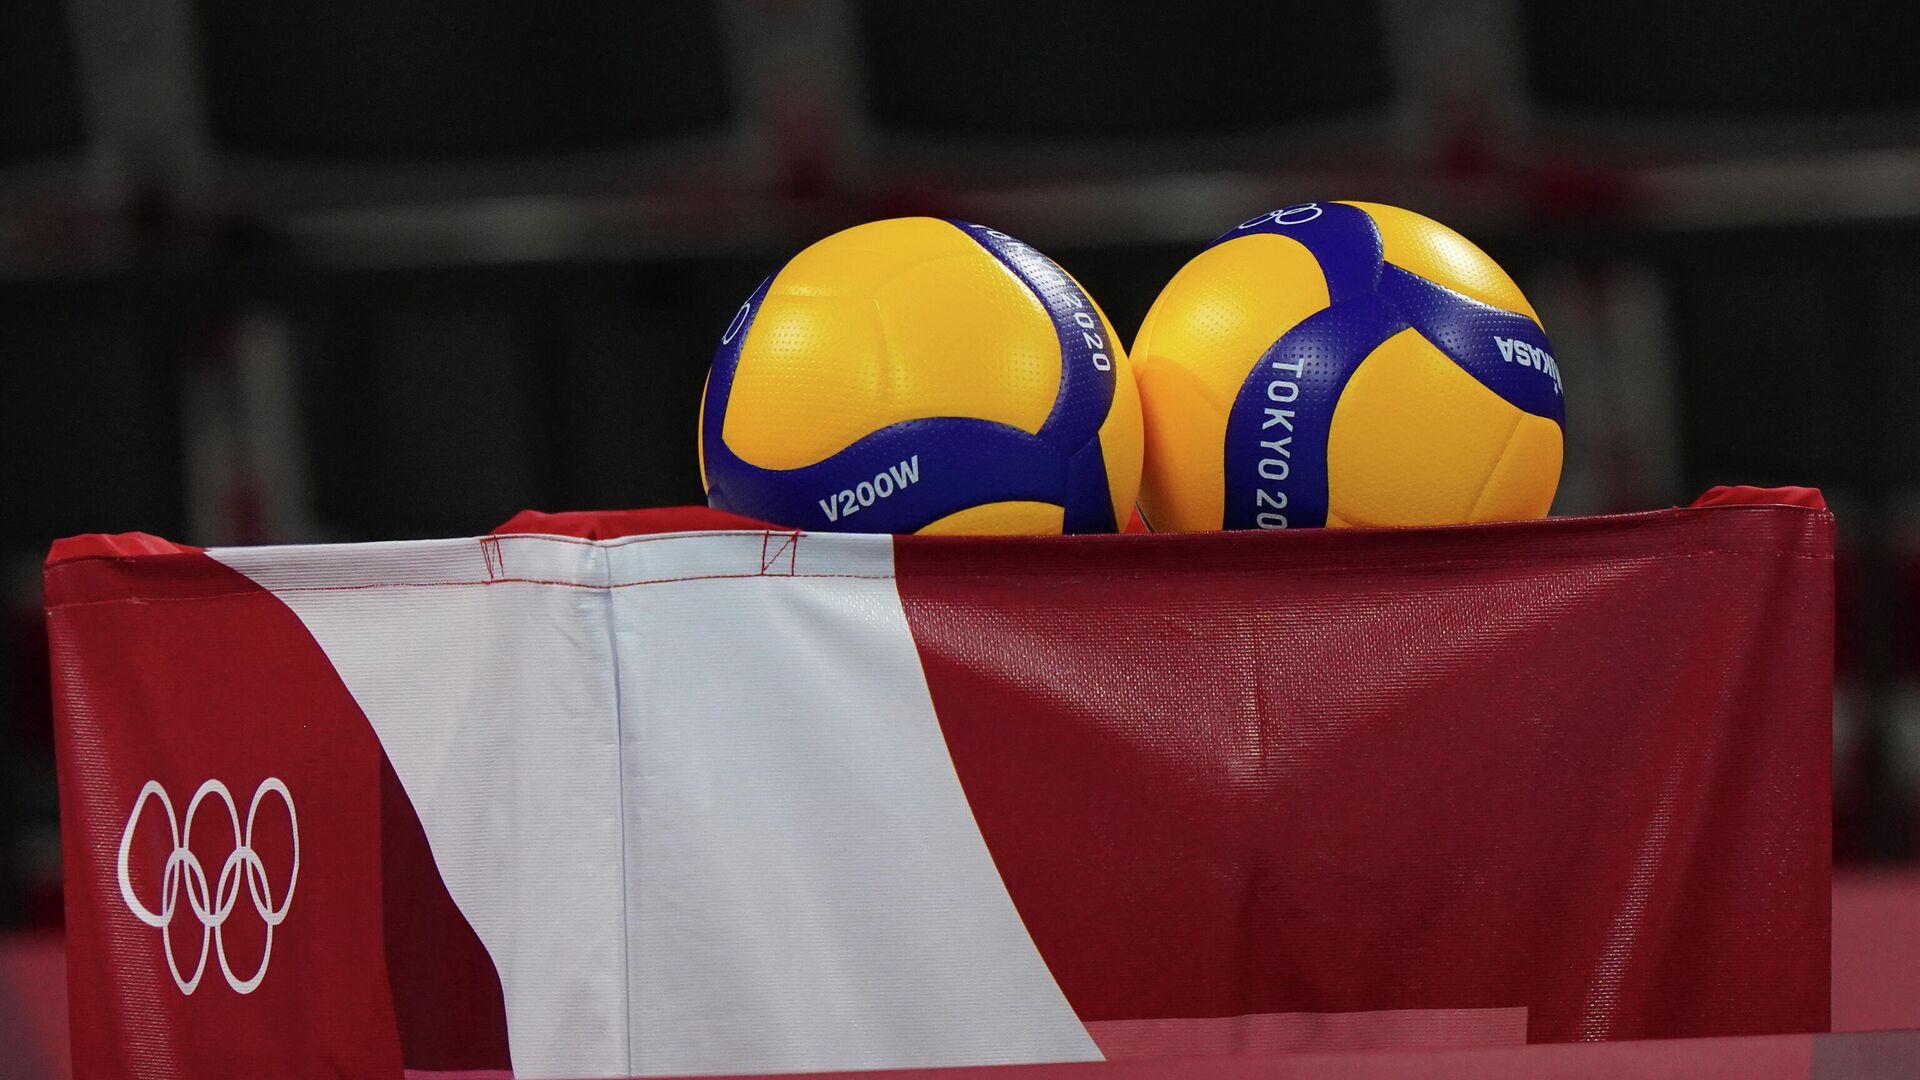 Олимпиада-2020. Волейбол. Женщины. Матч Россия - Италия - РИА Новости, 1920, 31.07.2021